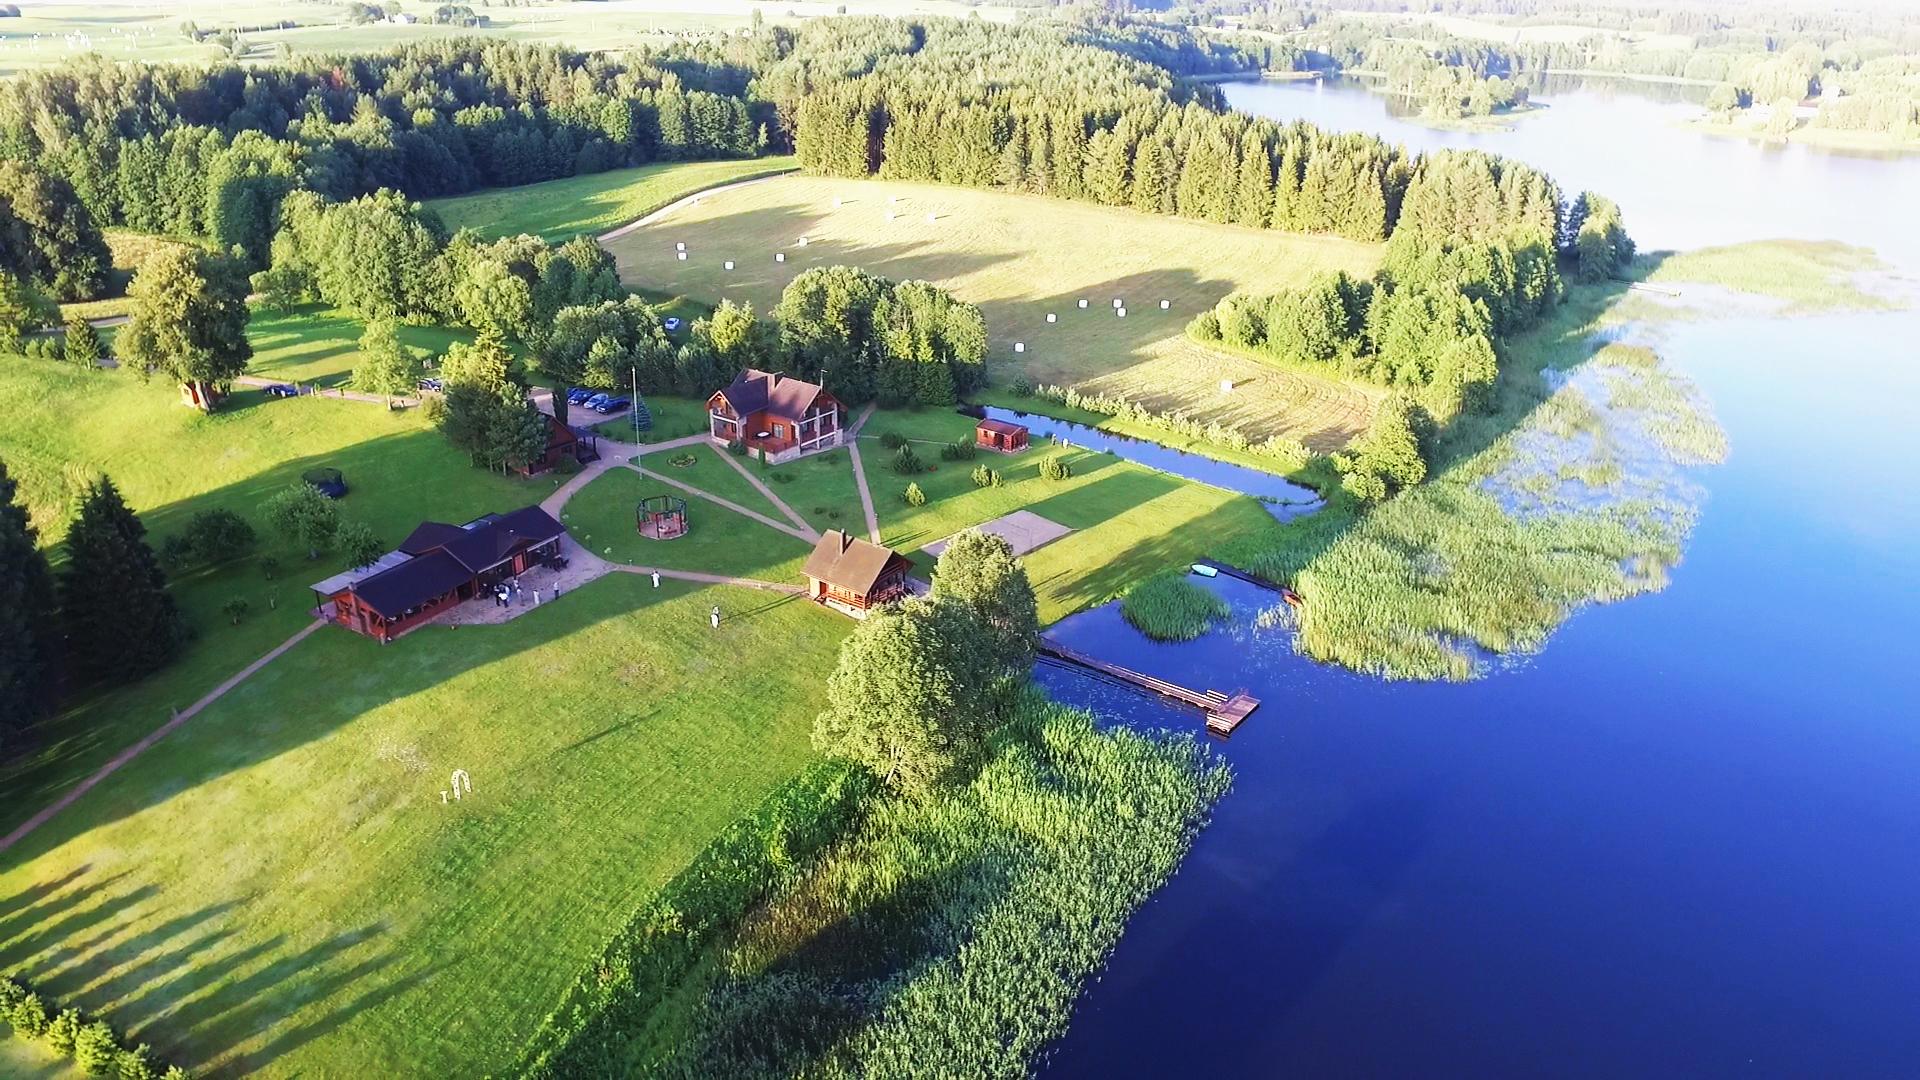 PAS SESTOKA vila sodyba vestuvems sventems renginiams ir poilsiui prie ezero moletu rajone netoli utenos ir vilniaus